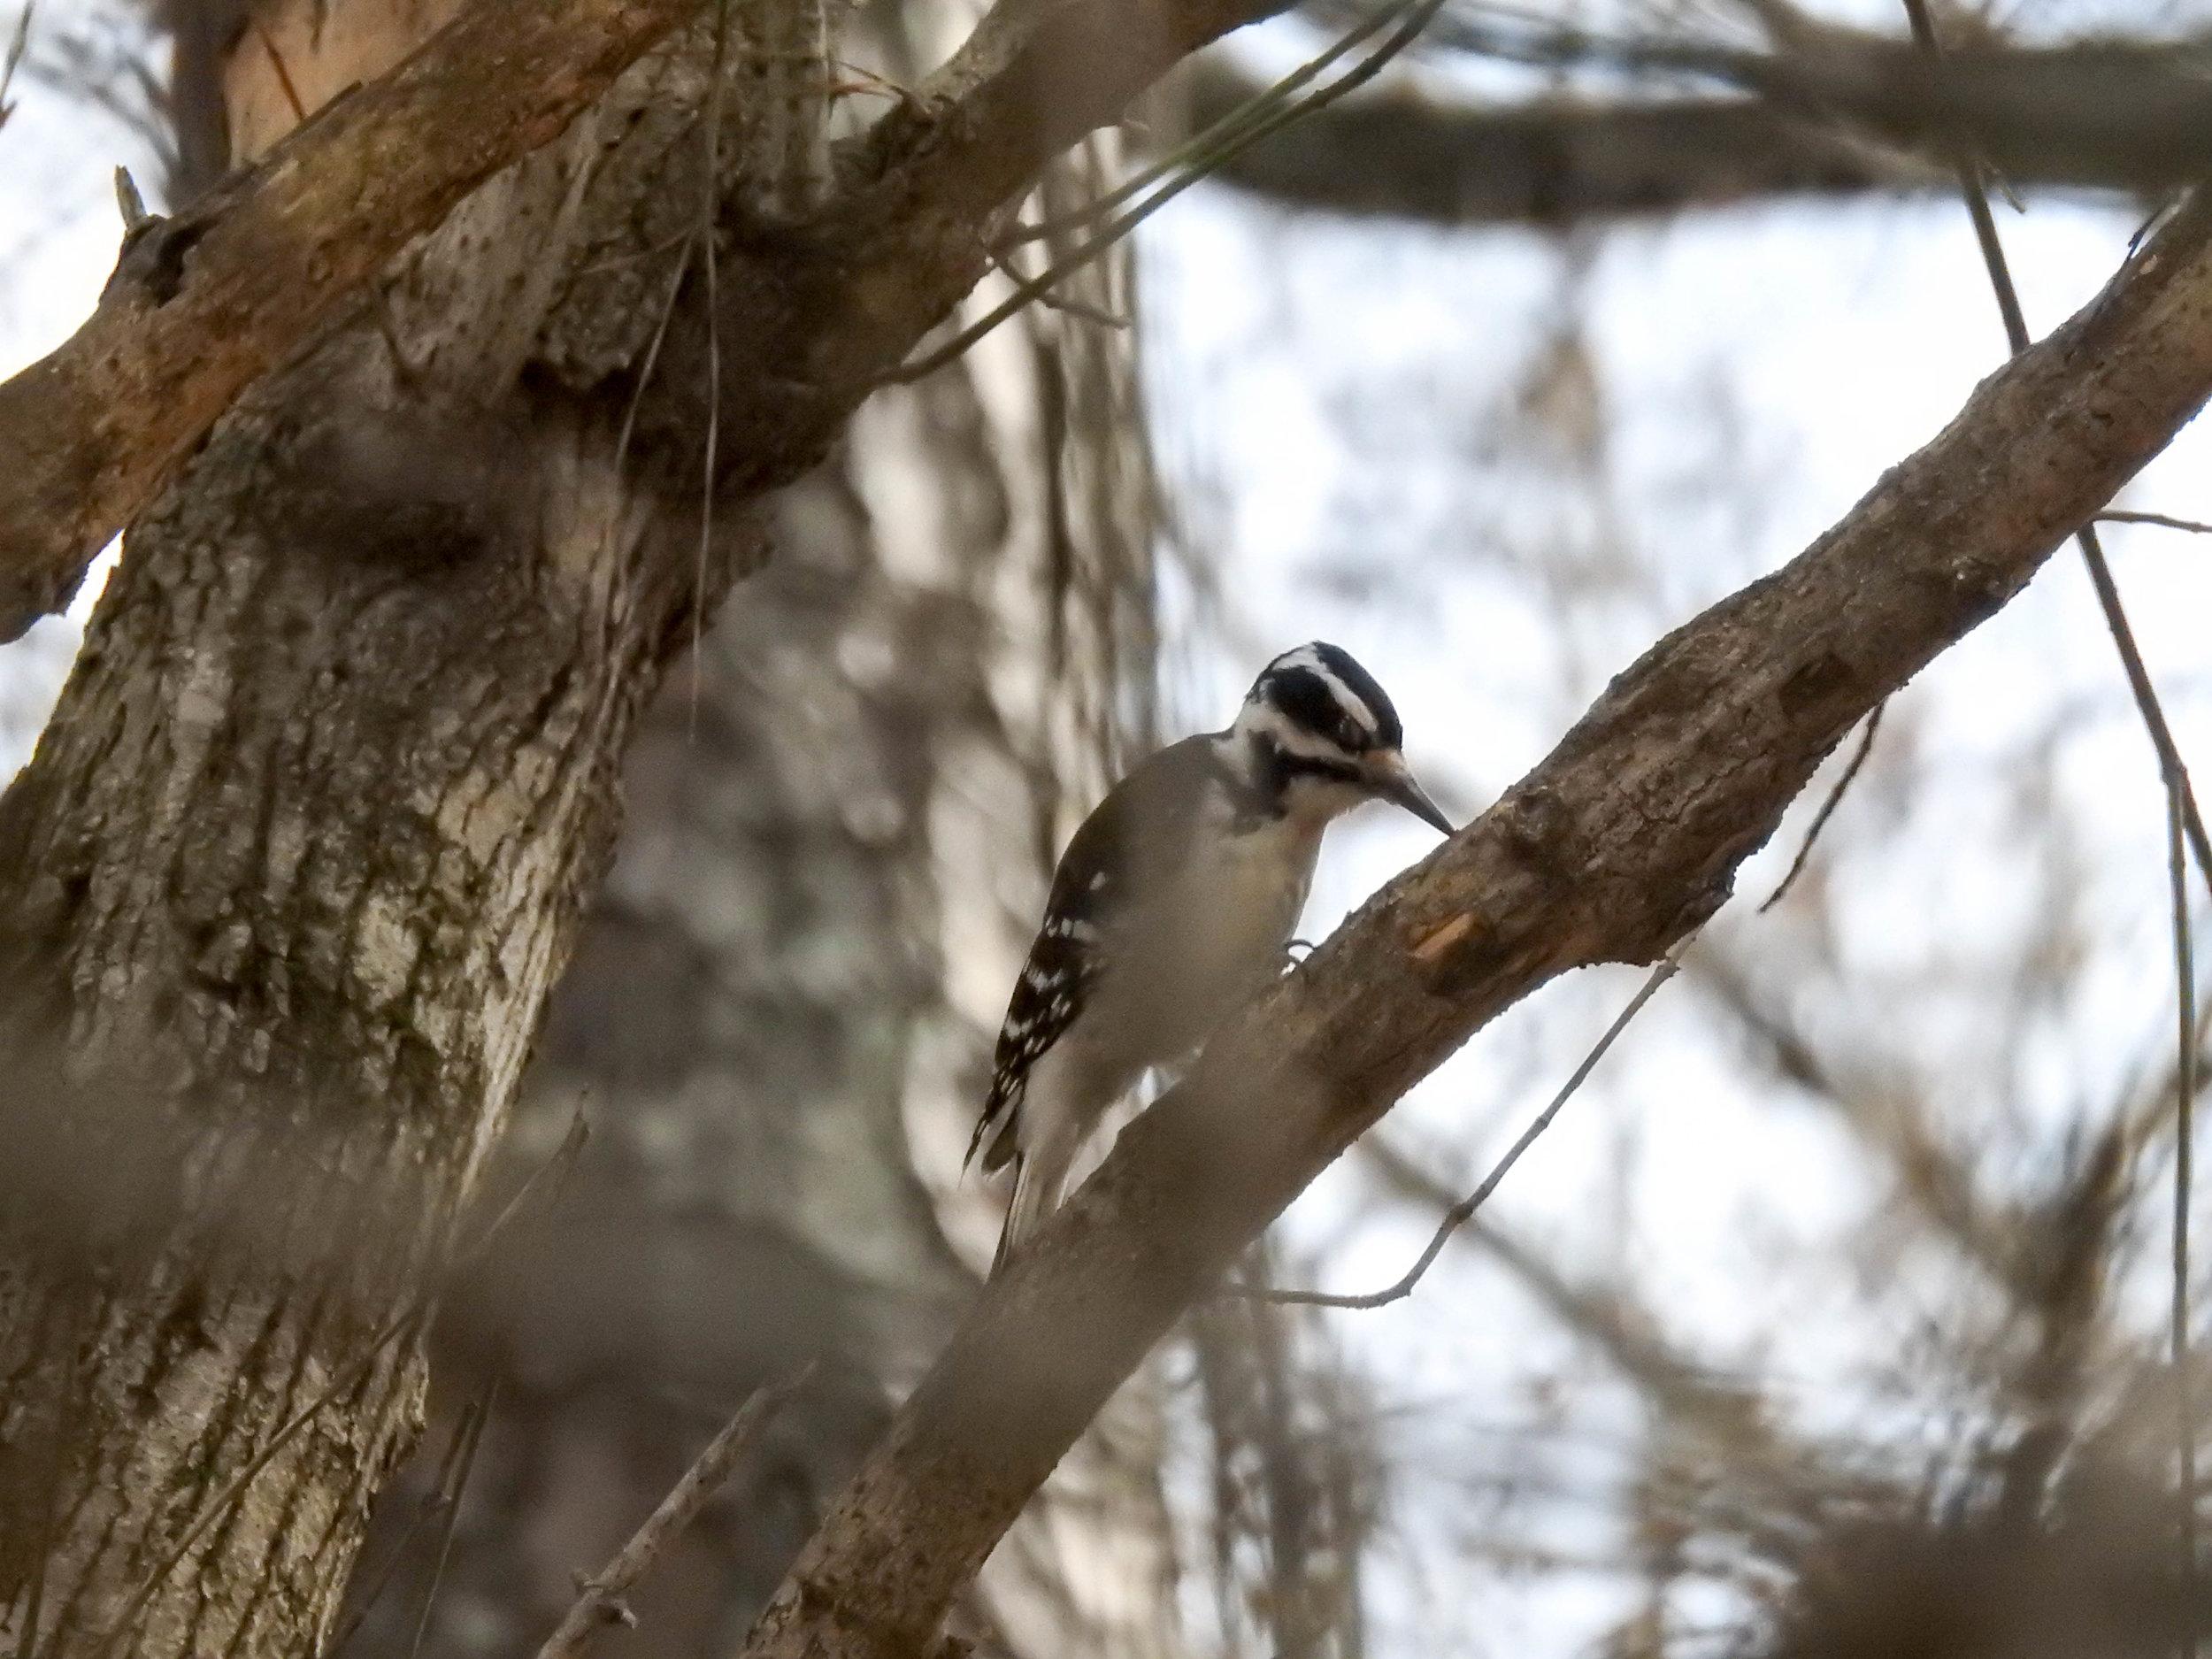 Hairy Woodpecker, female